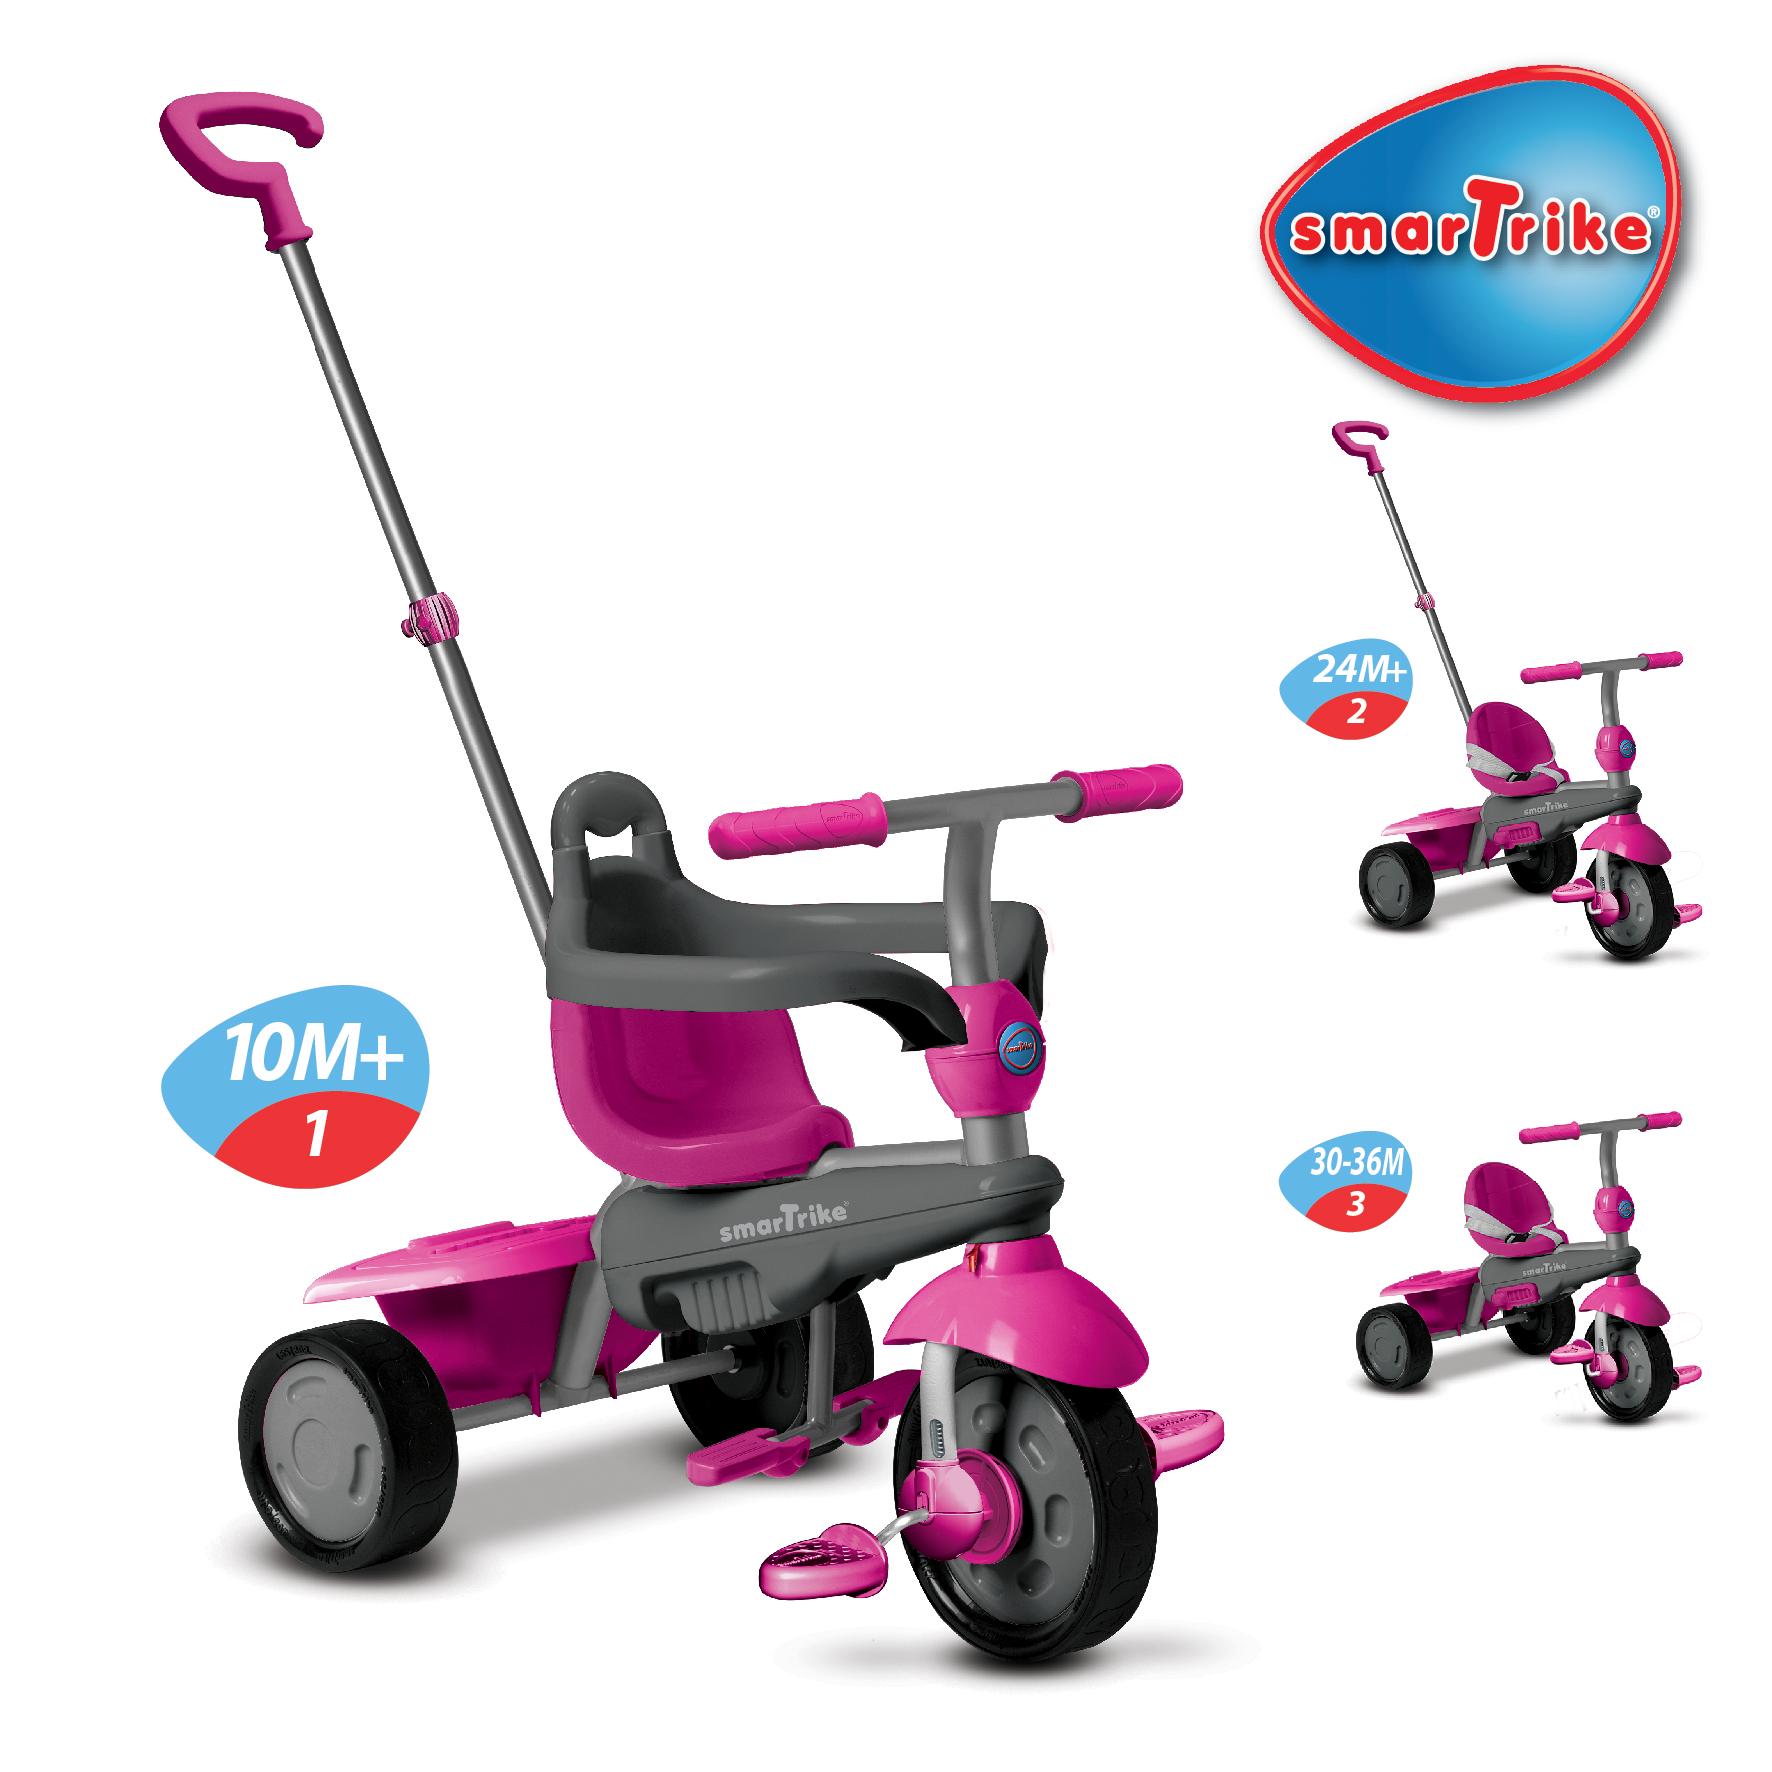 růžovo-šedá tříkolka Breeze Touch Steering 059efcf51d7